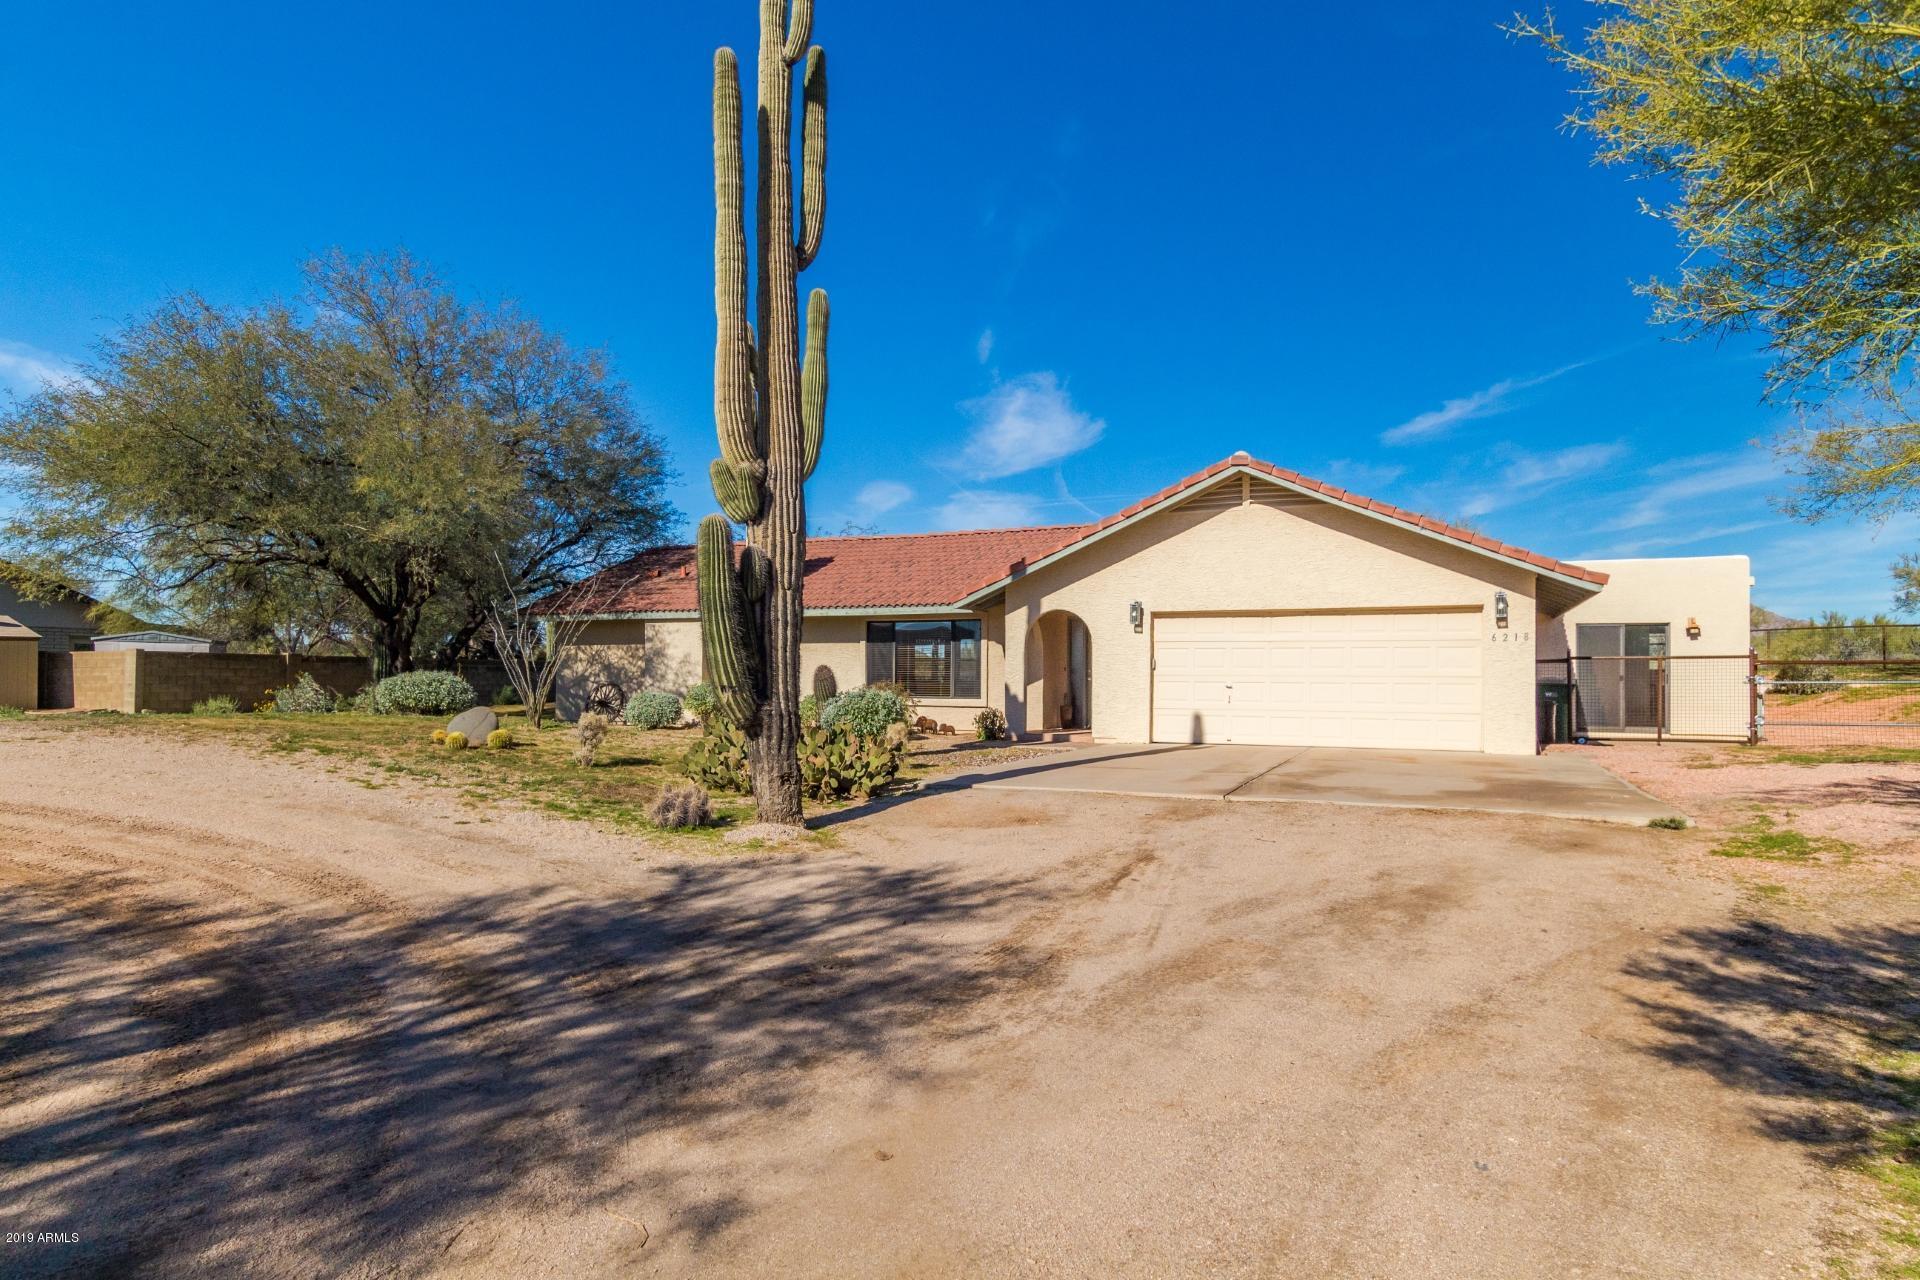 Photo of 6218 E Lowden Drive E, Cave Creek, AZ 85331